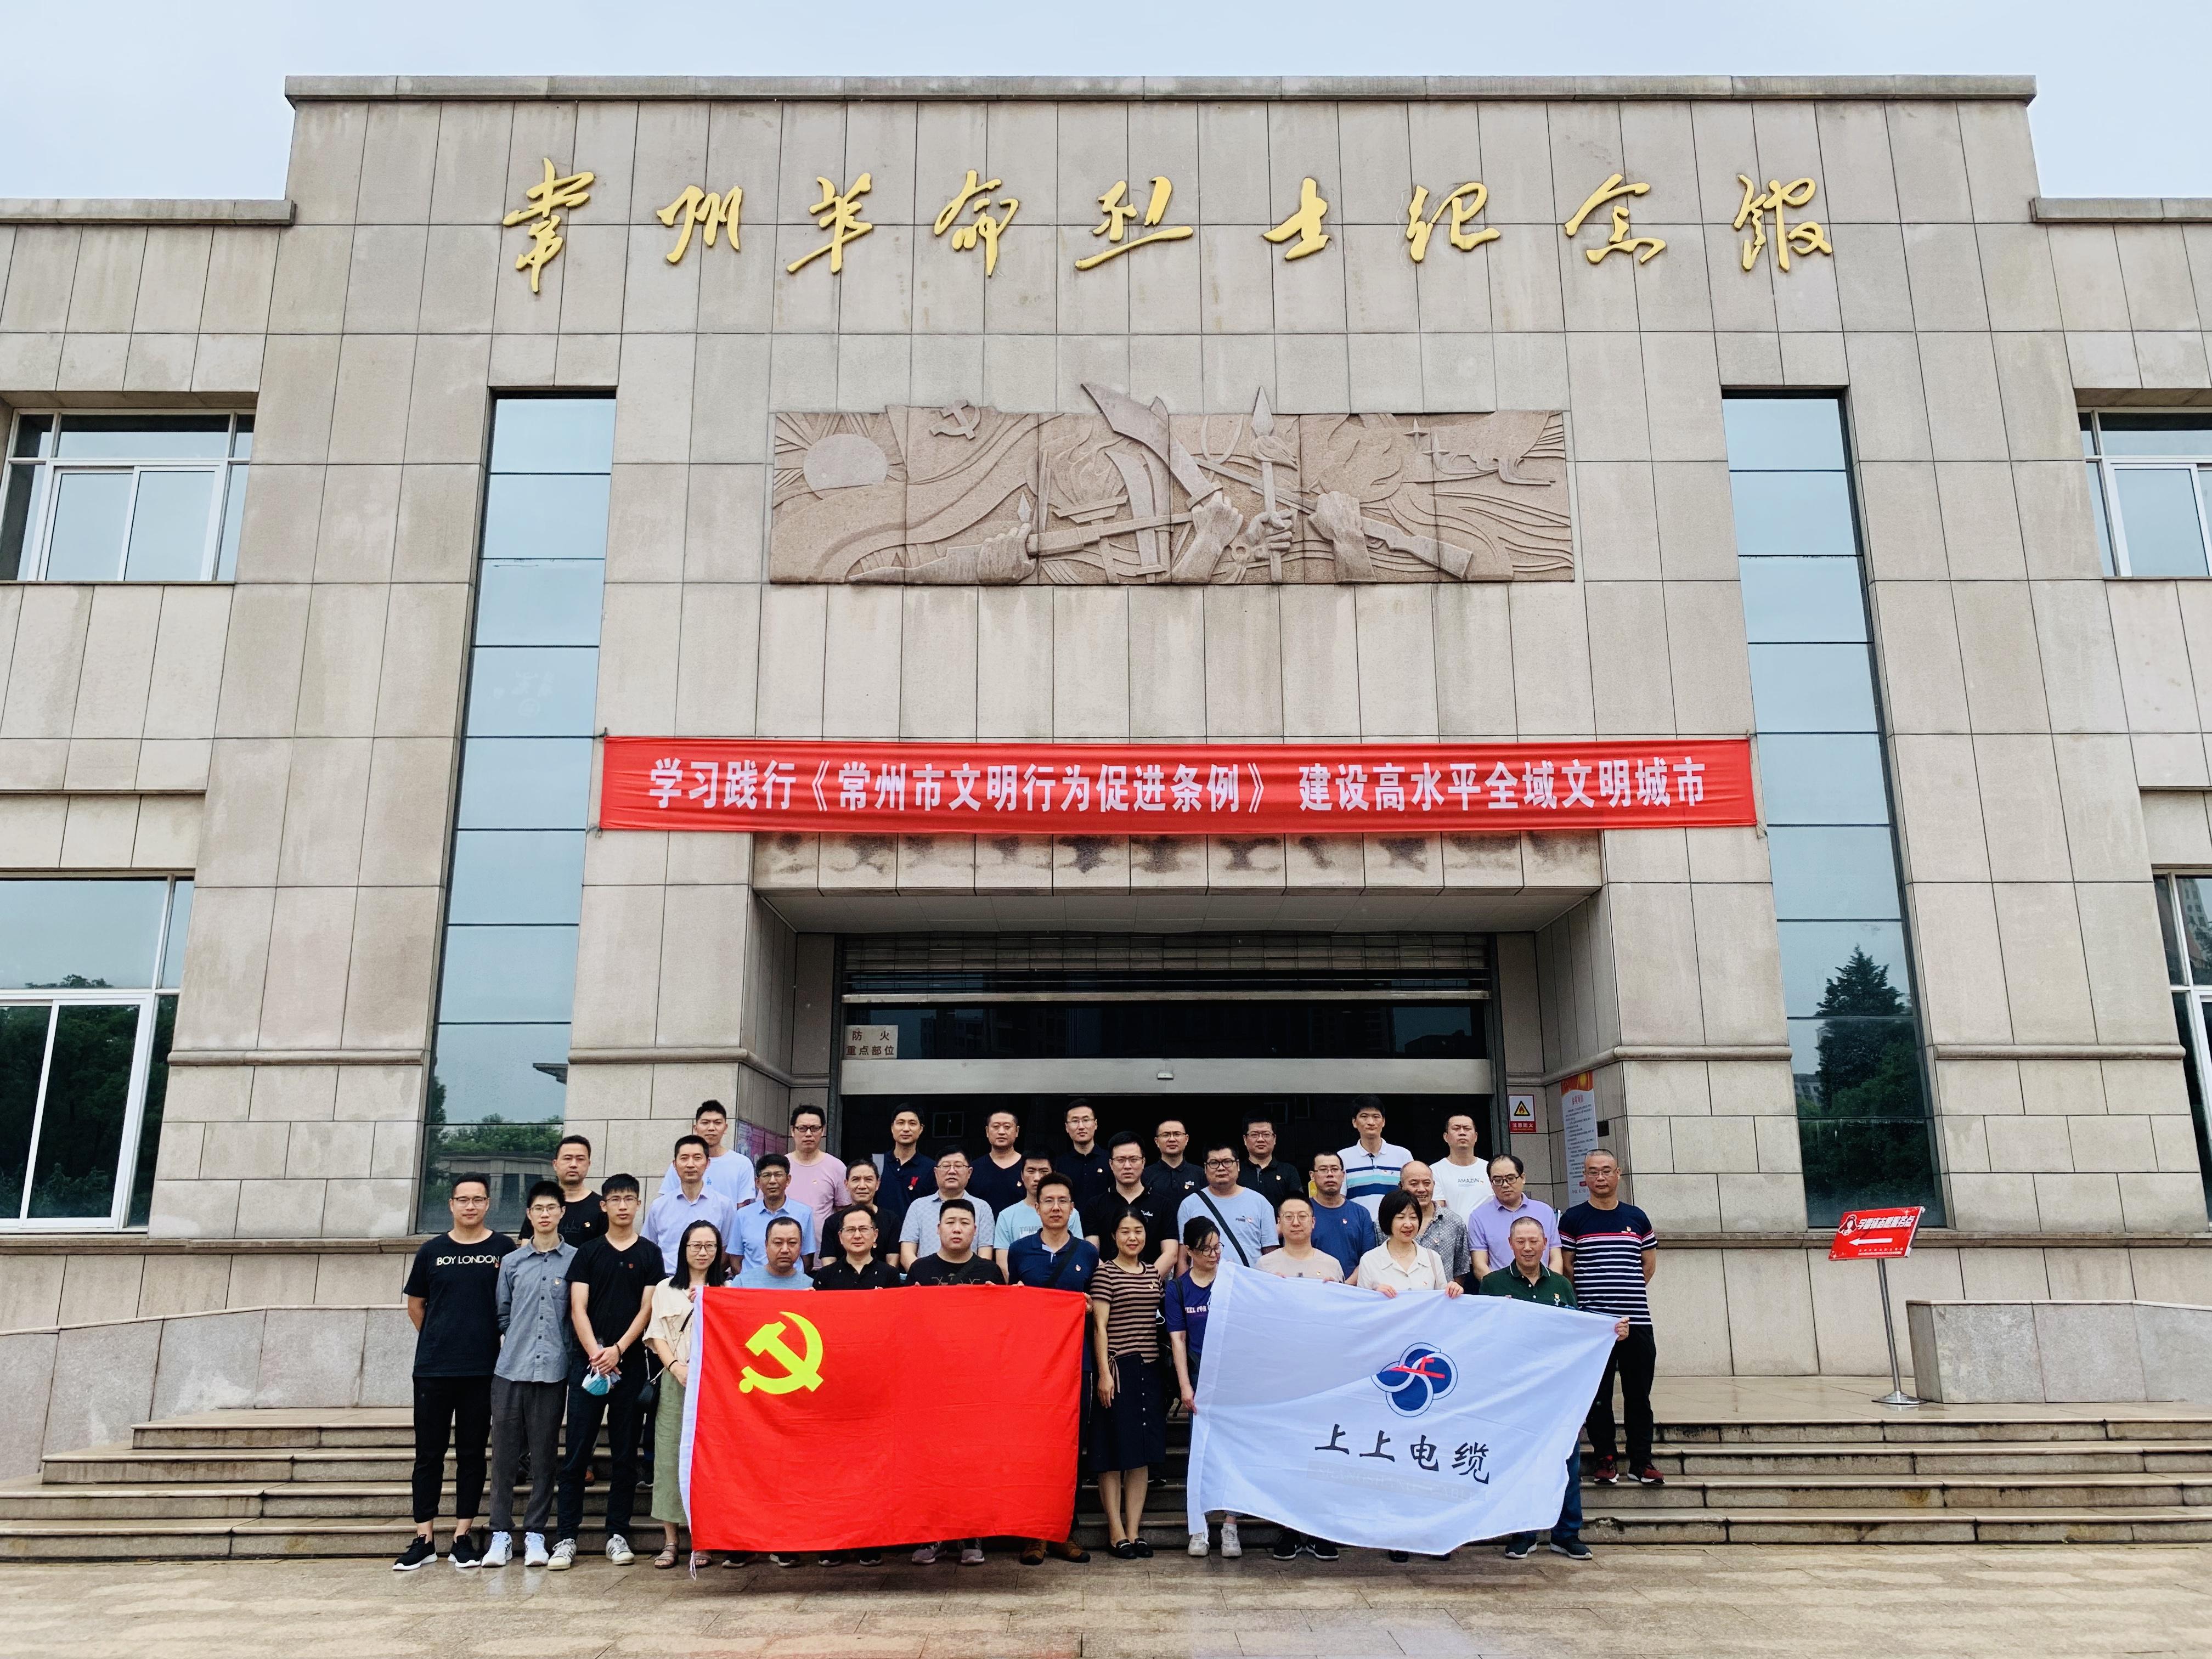 上上电缆党委组织党员同志赴常州红色教育基地参观学习